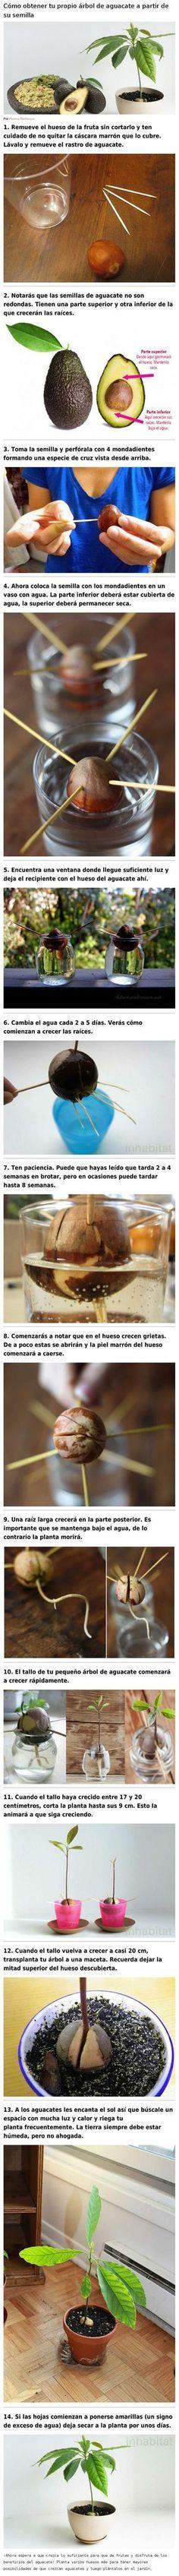 Obtene tu propio arbol de aguacate (palta)